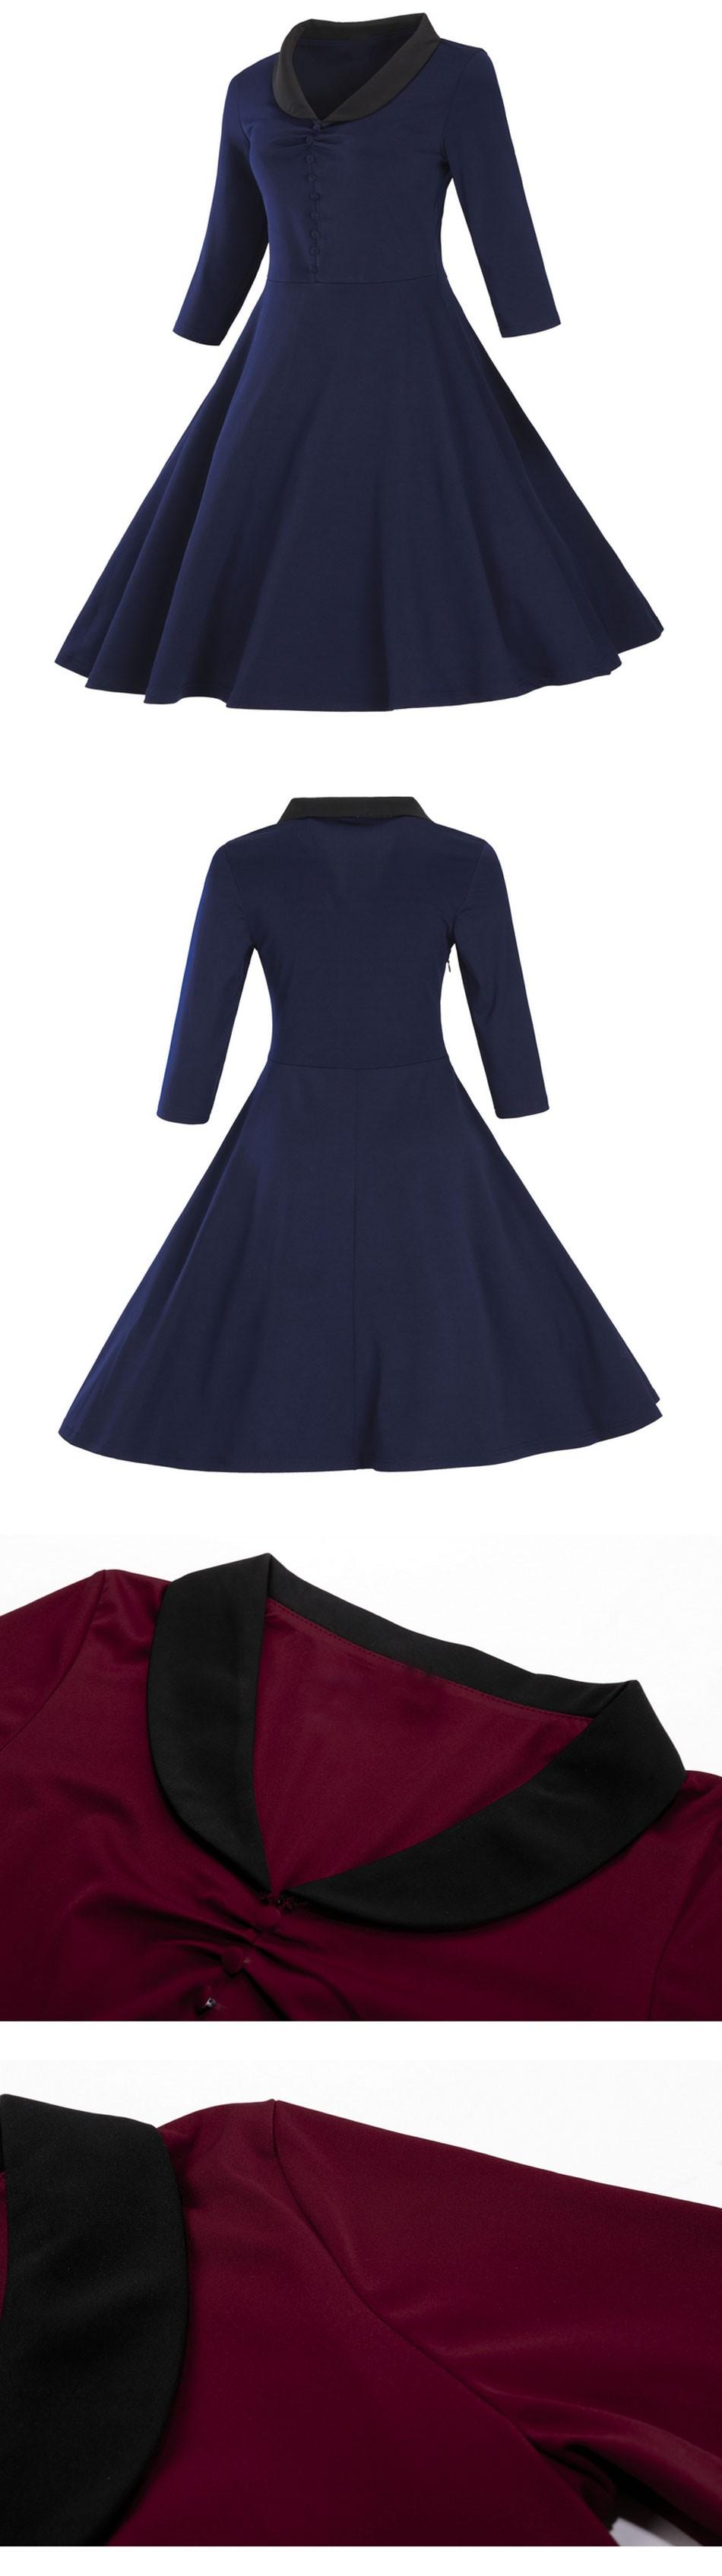 LERFEY Women Autumn Vintage Dress A Line Party Dresses Retro 1950s ... fbe2af0e33c7